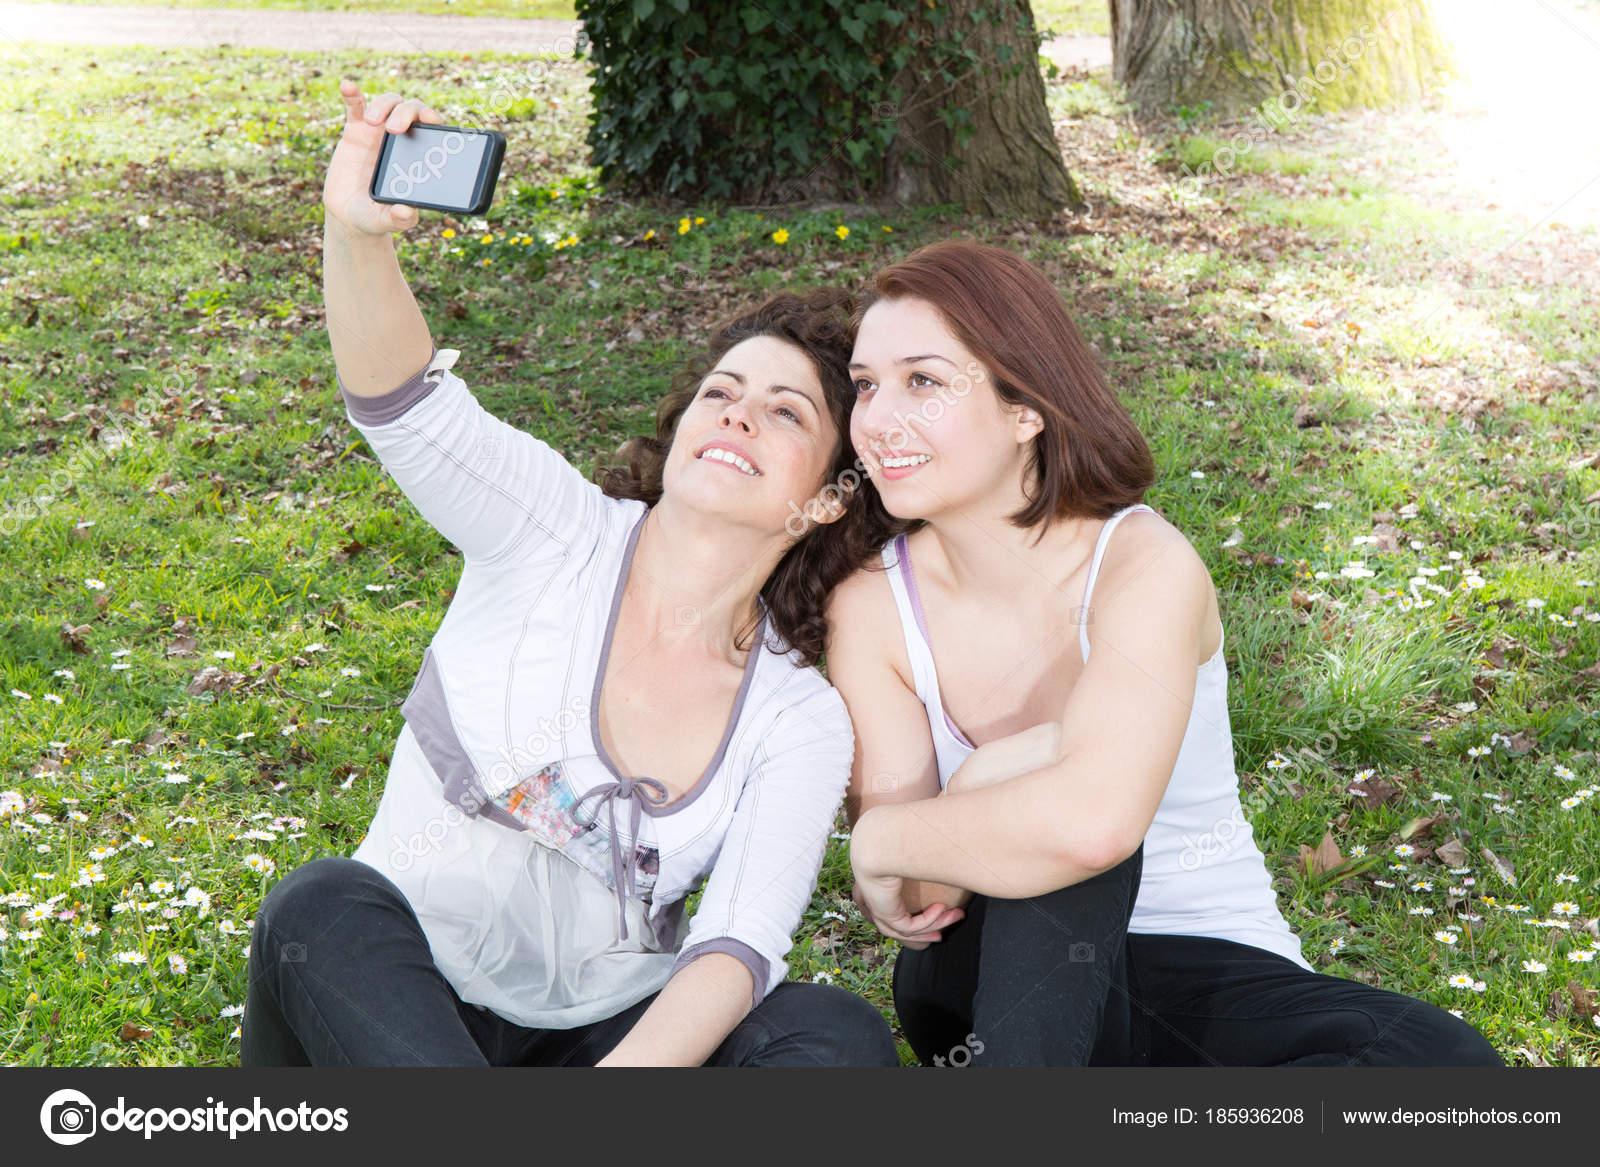 moeders vriend lesbische borsten porno